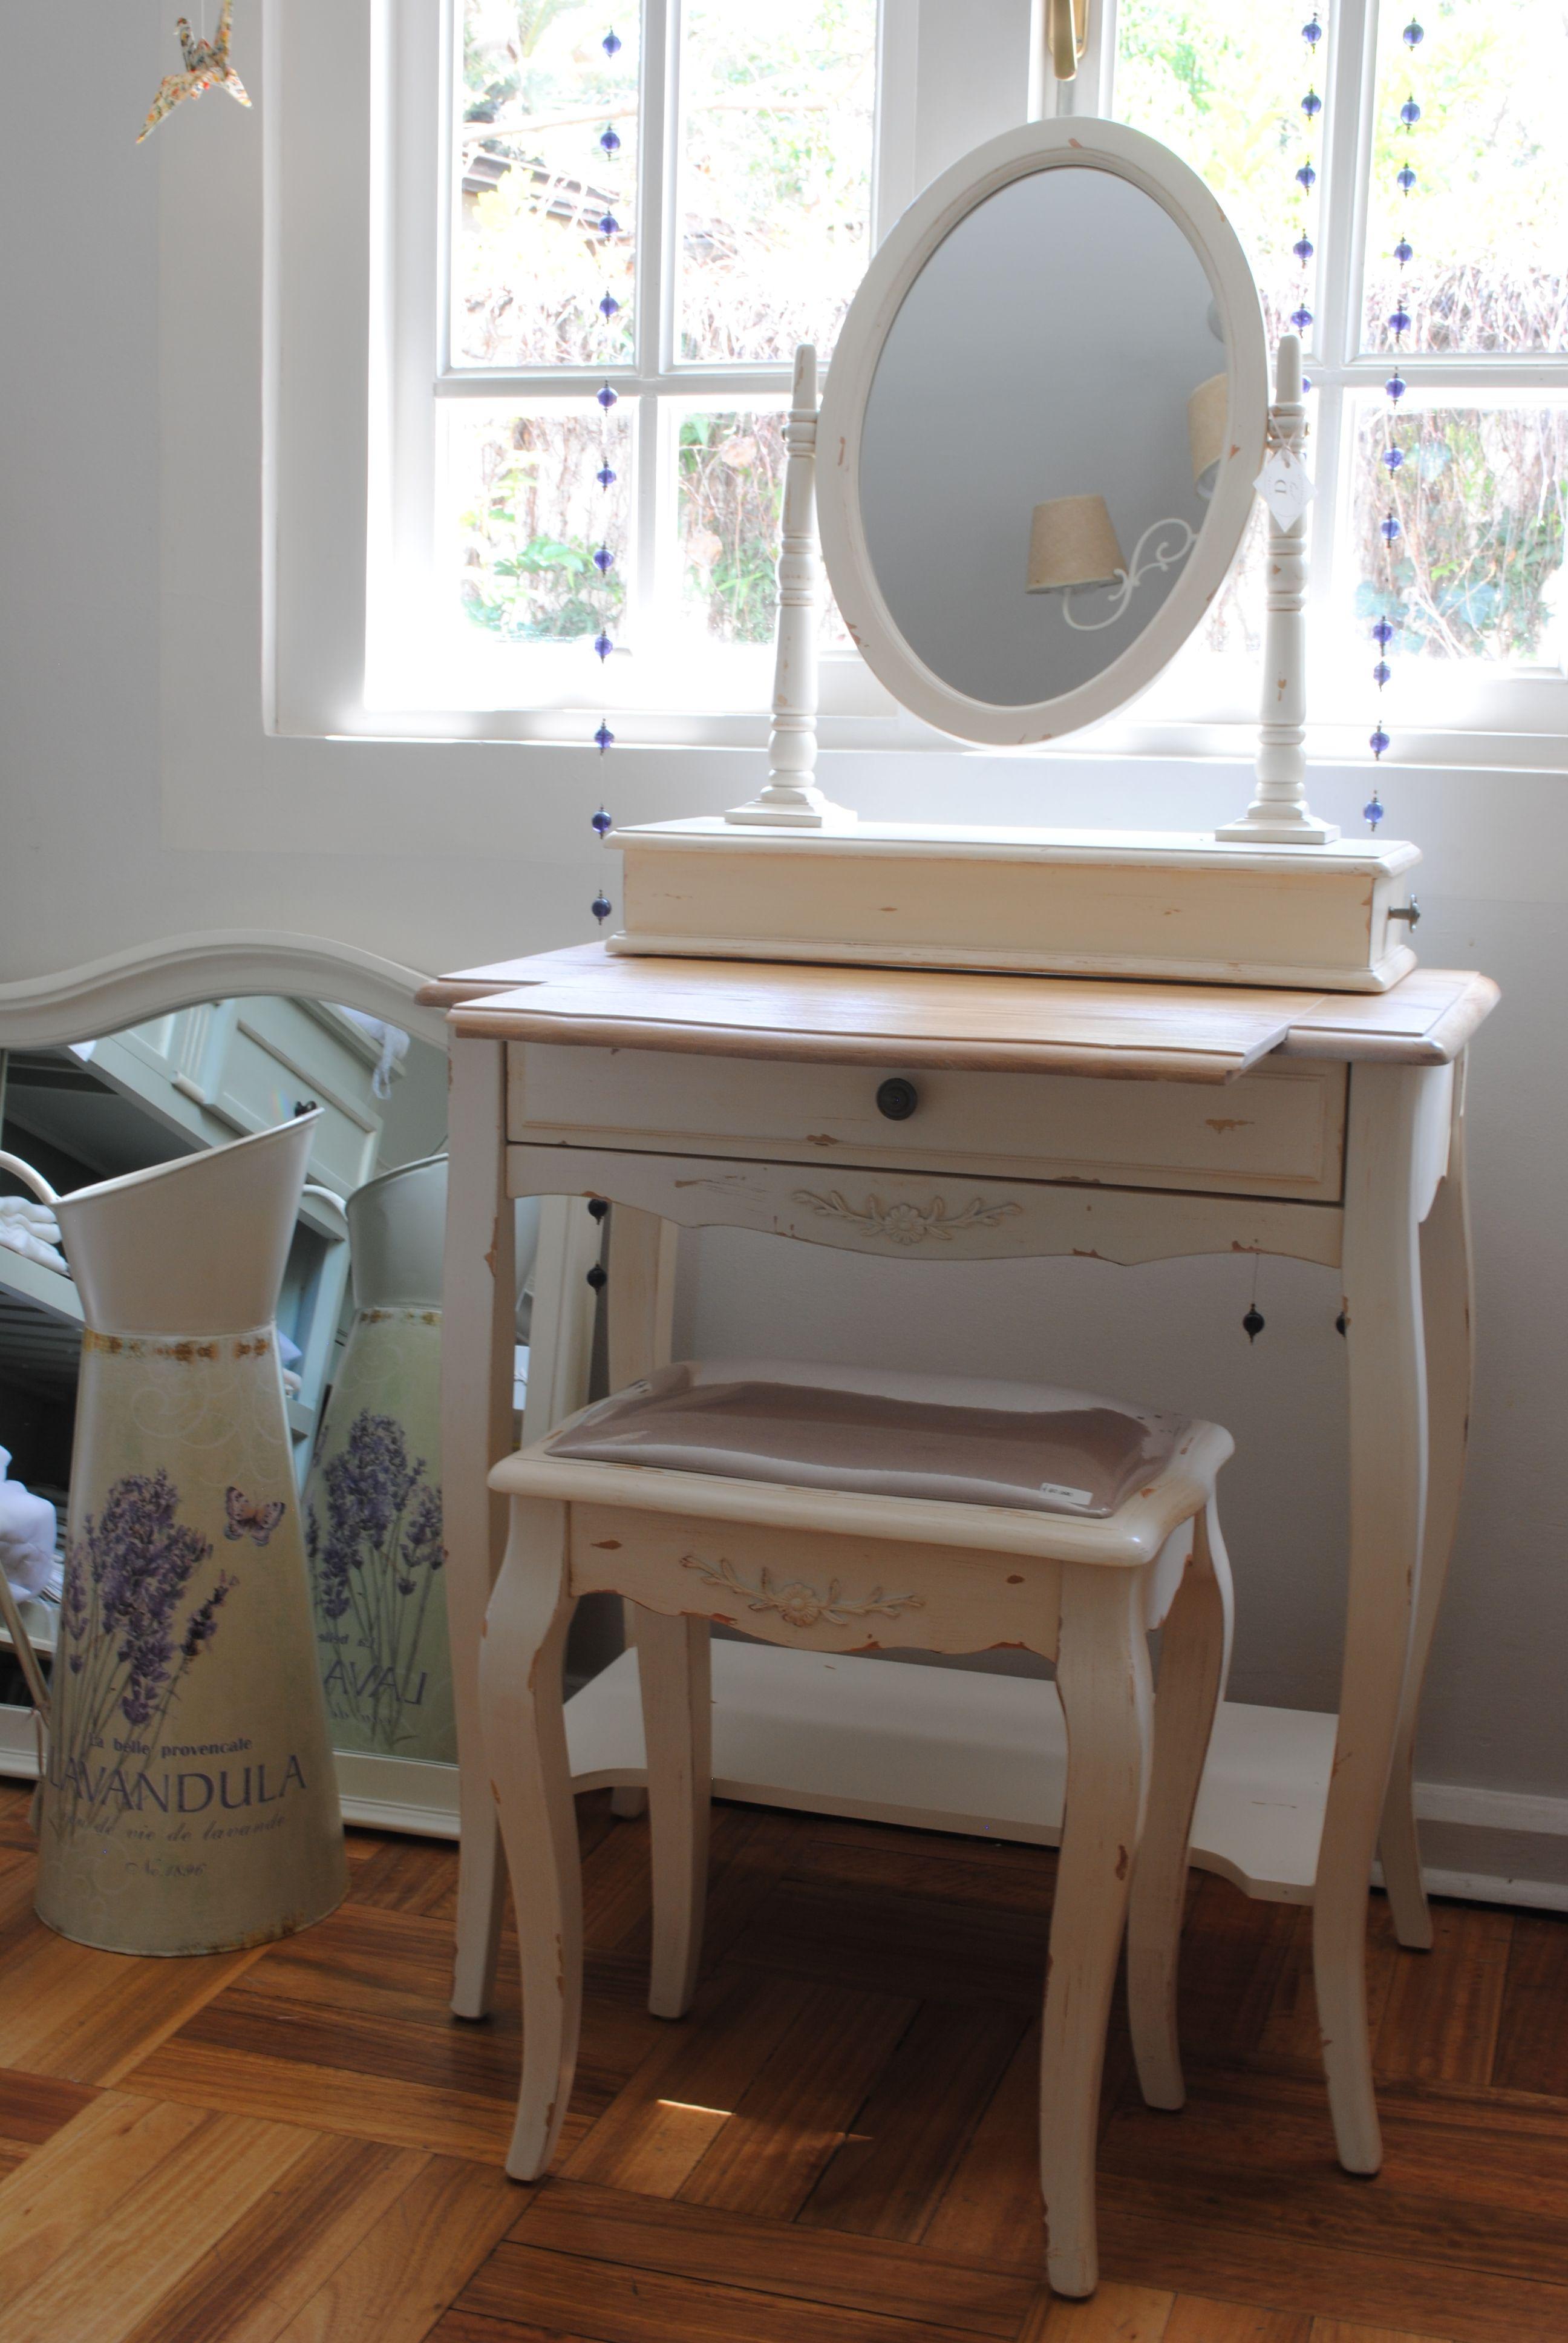 Tocador decoraci n infantil pinterest tocador muebles auxiliares y decoracion infantil Decoracion tocador